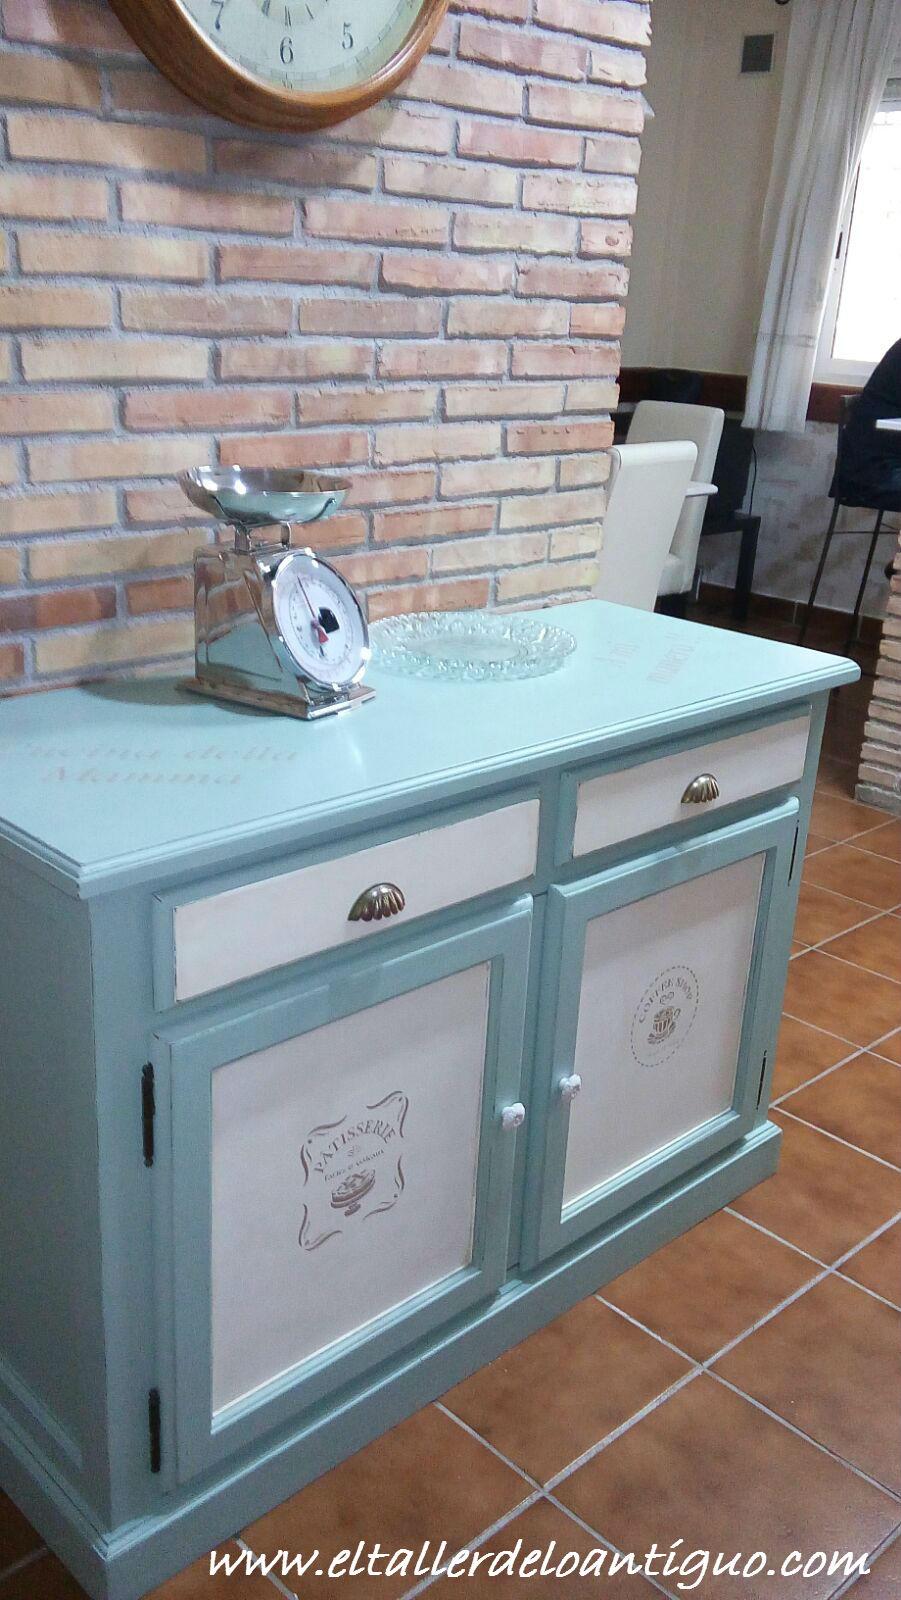 Cambiar puertas muebles cocina great cambiar color - Cambiar puertas muebles cocina ...